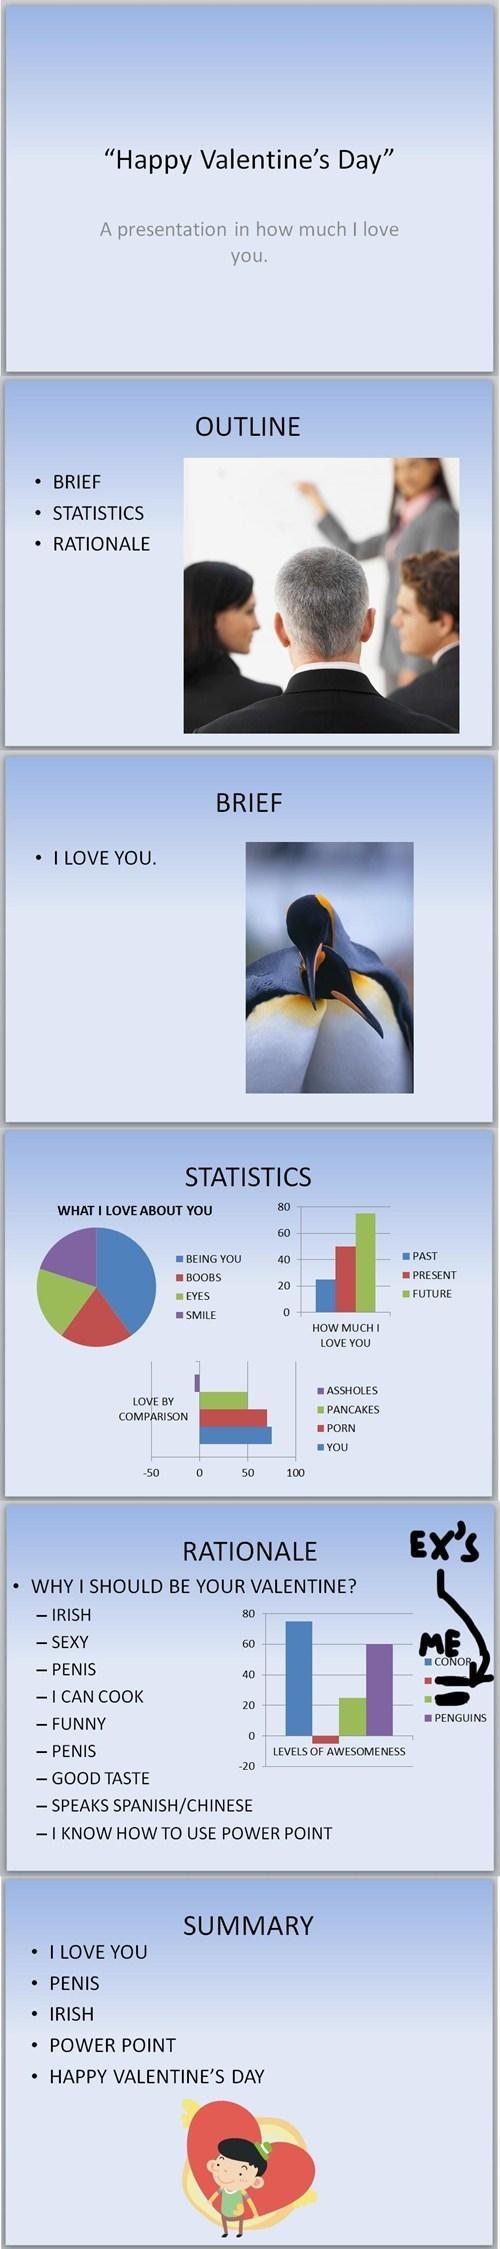 presentation powerpoint Valentines day - 7063886080